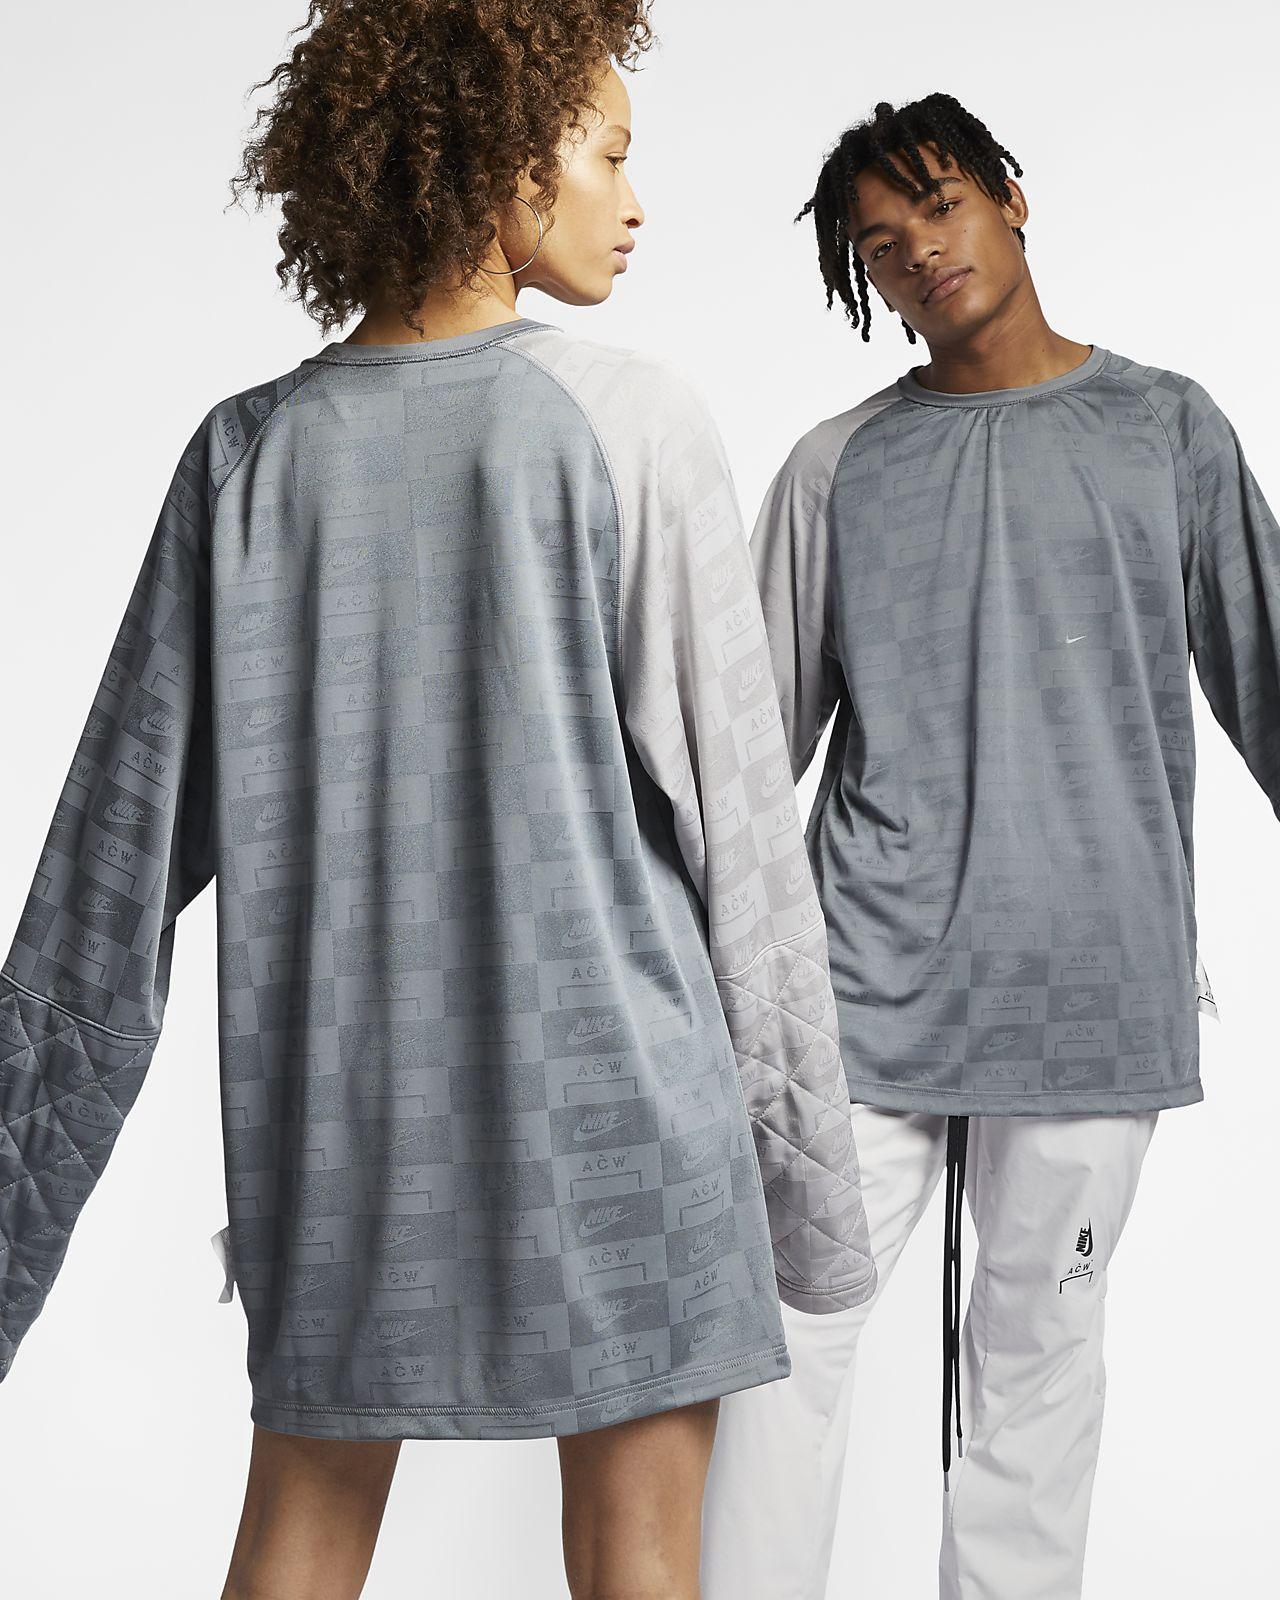 Nike x A-COLD-WALL* 男款長袖上衣